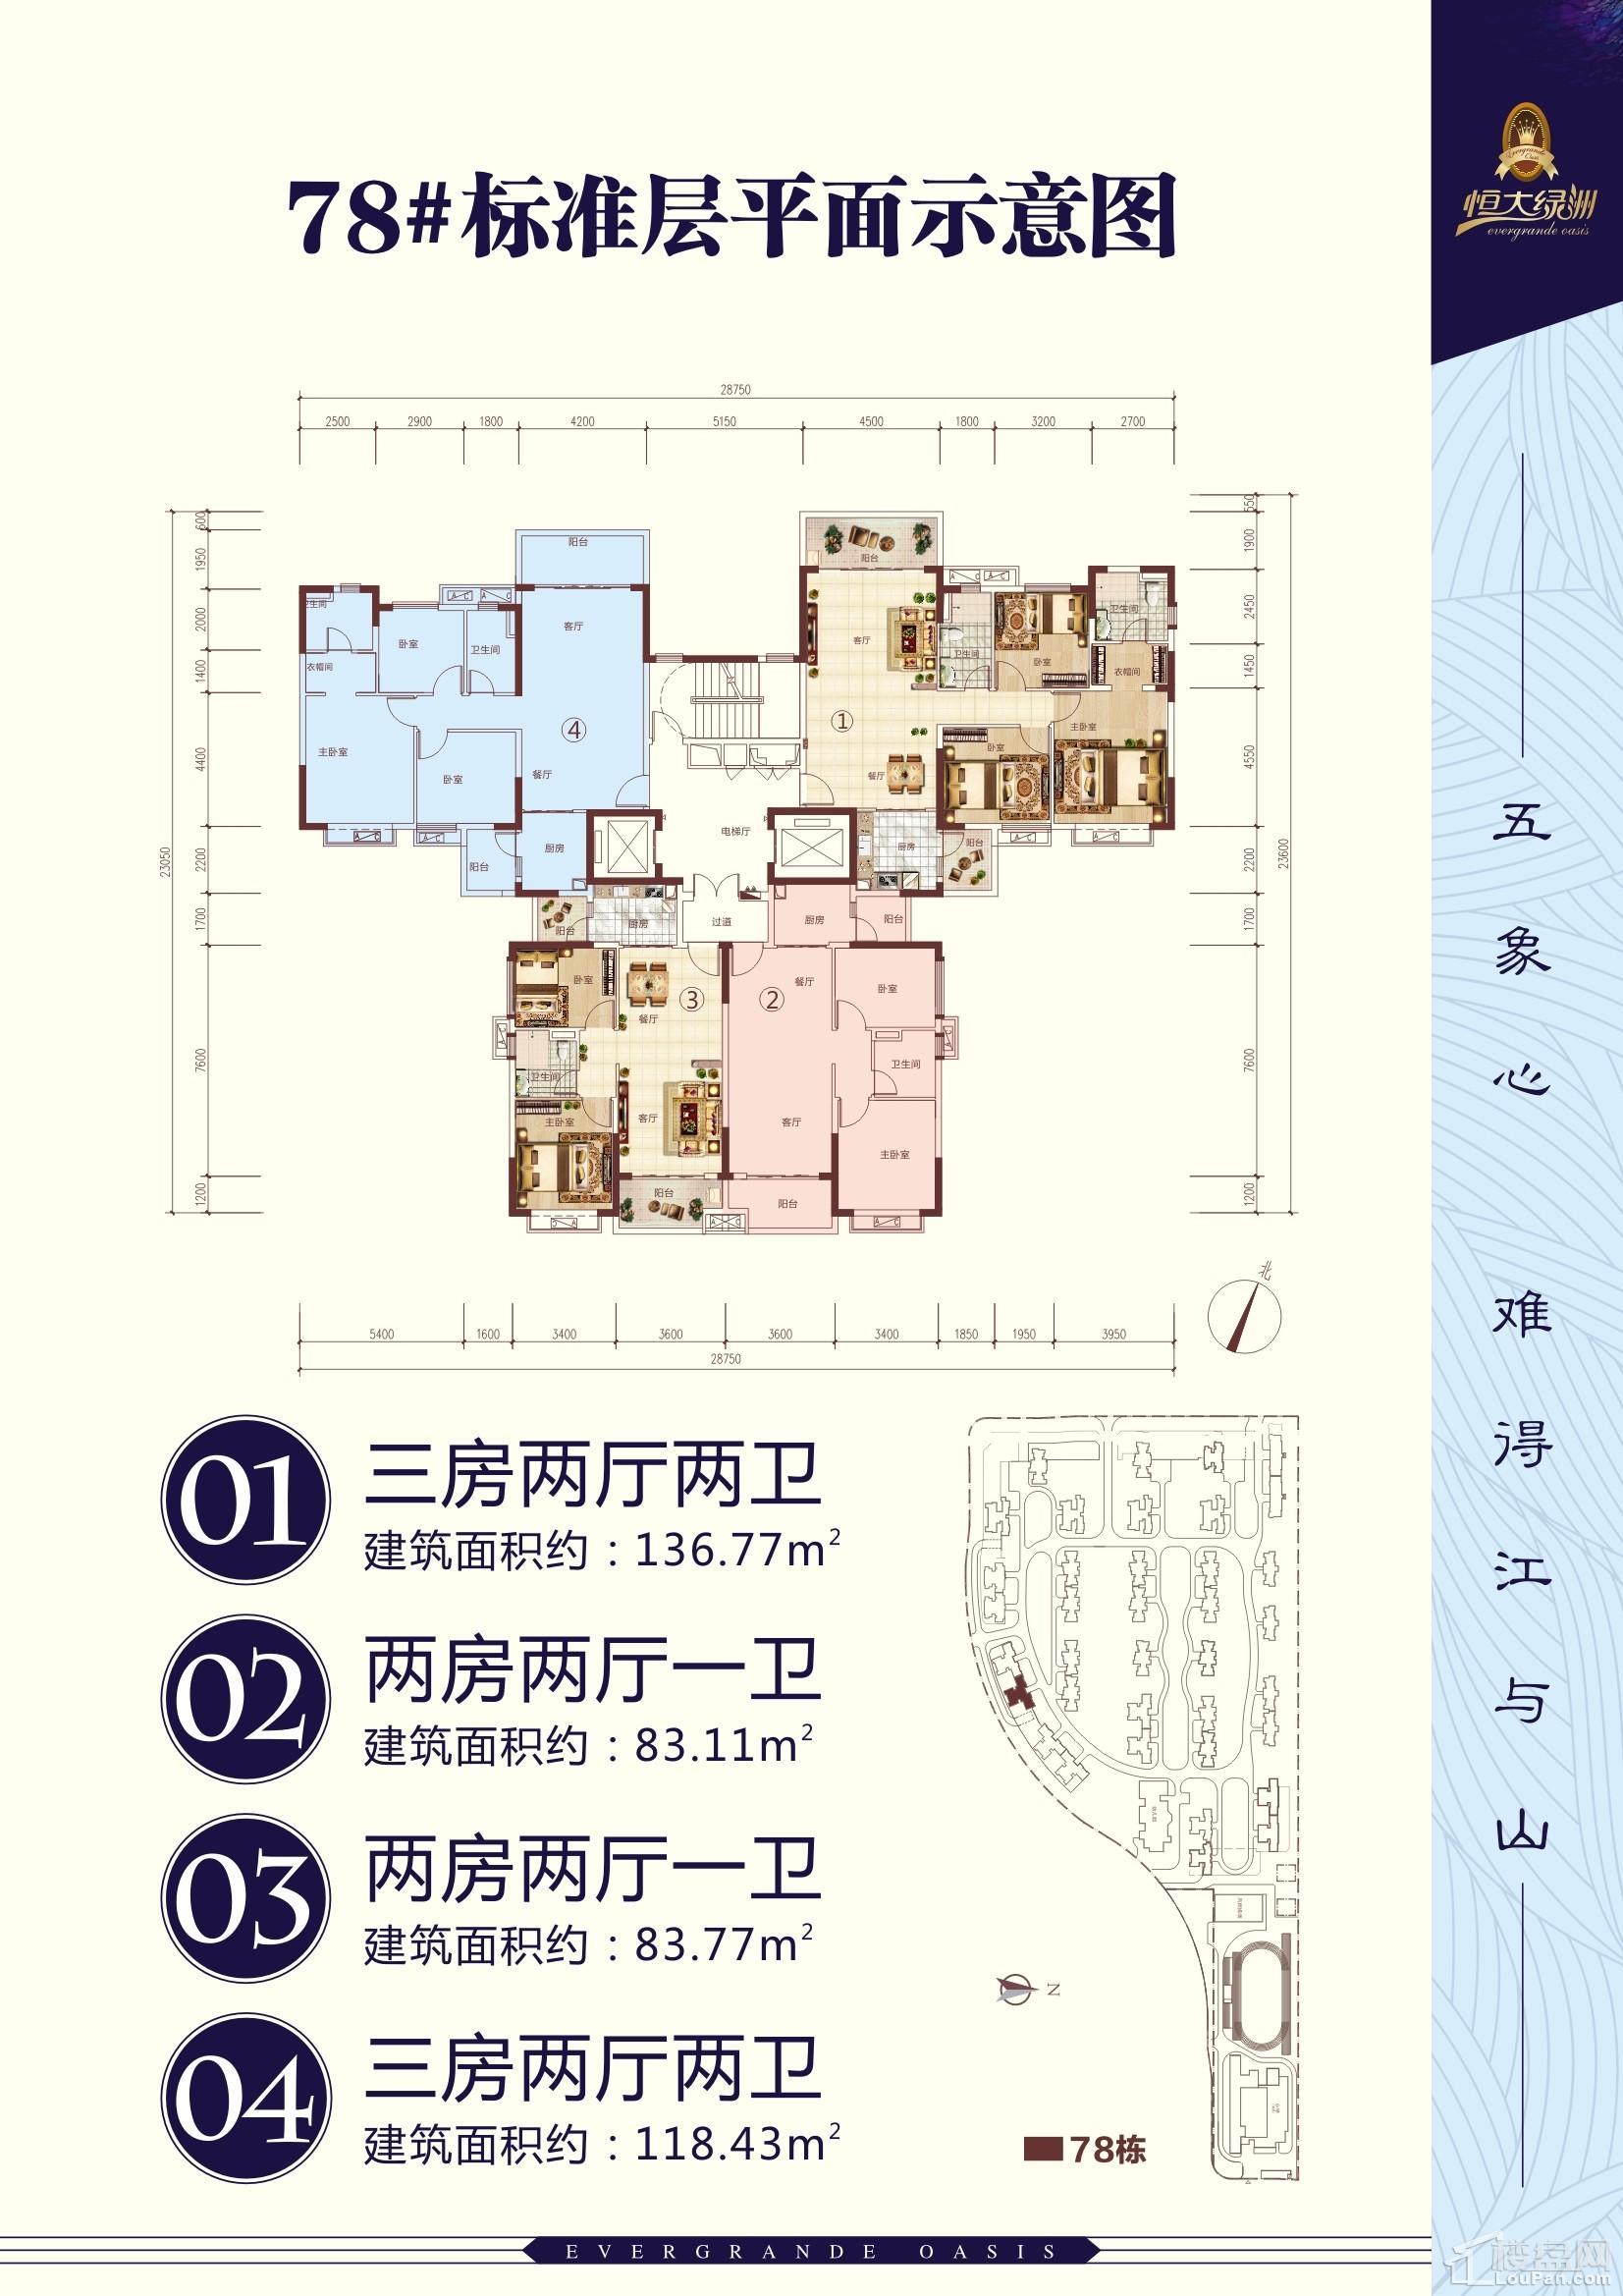 南宁恒大绿洲78#楼平面图